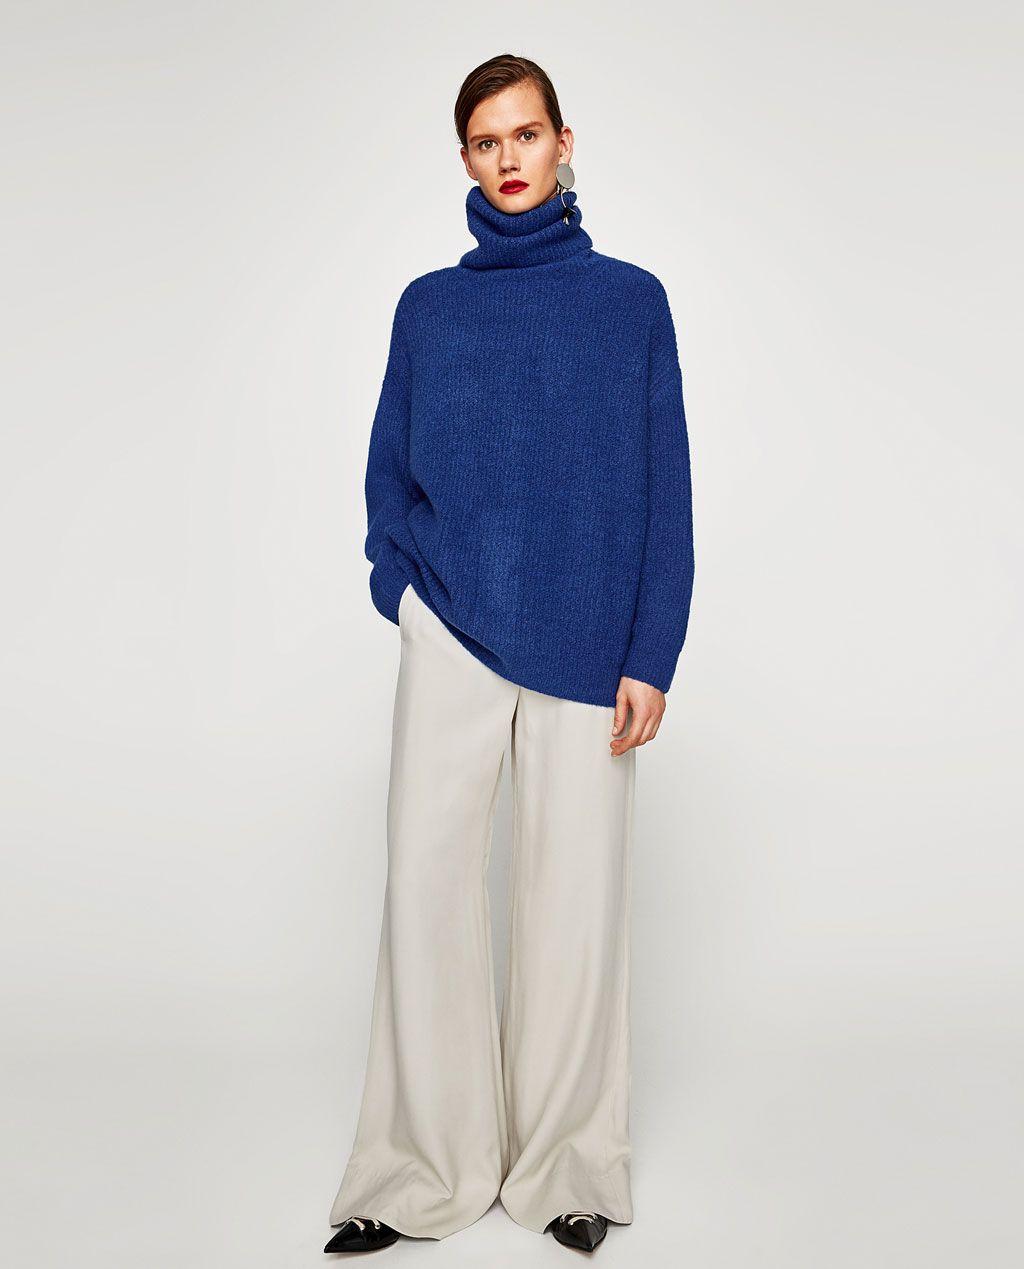 comprare popolare 0629b 66ec1 Immagine 1 di MAGLIA OVERSIZE COLLO ALTO di Zara ...